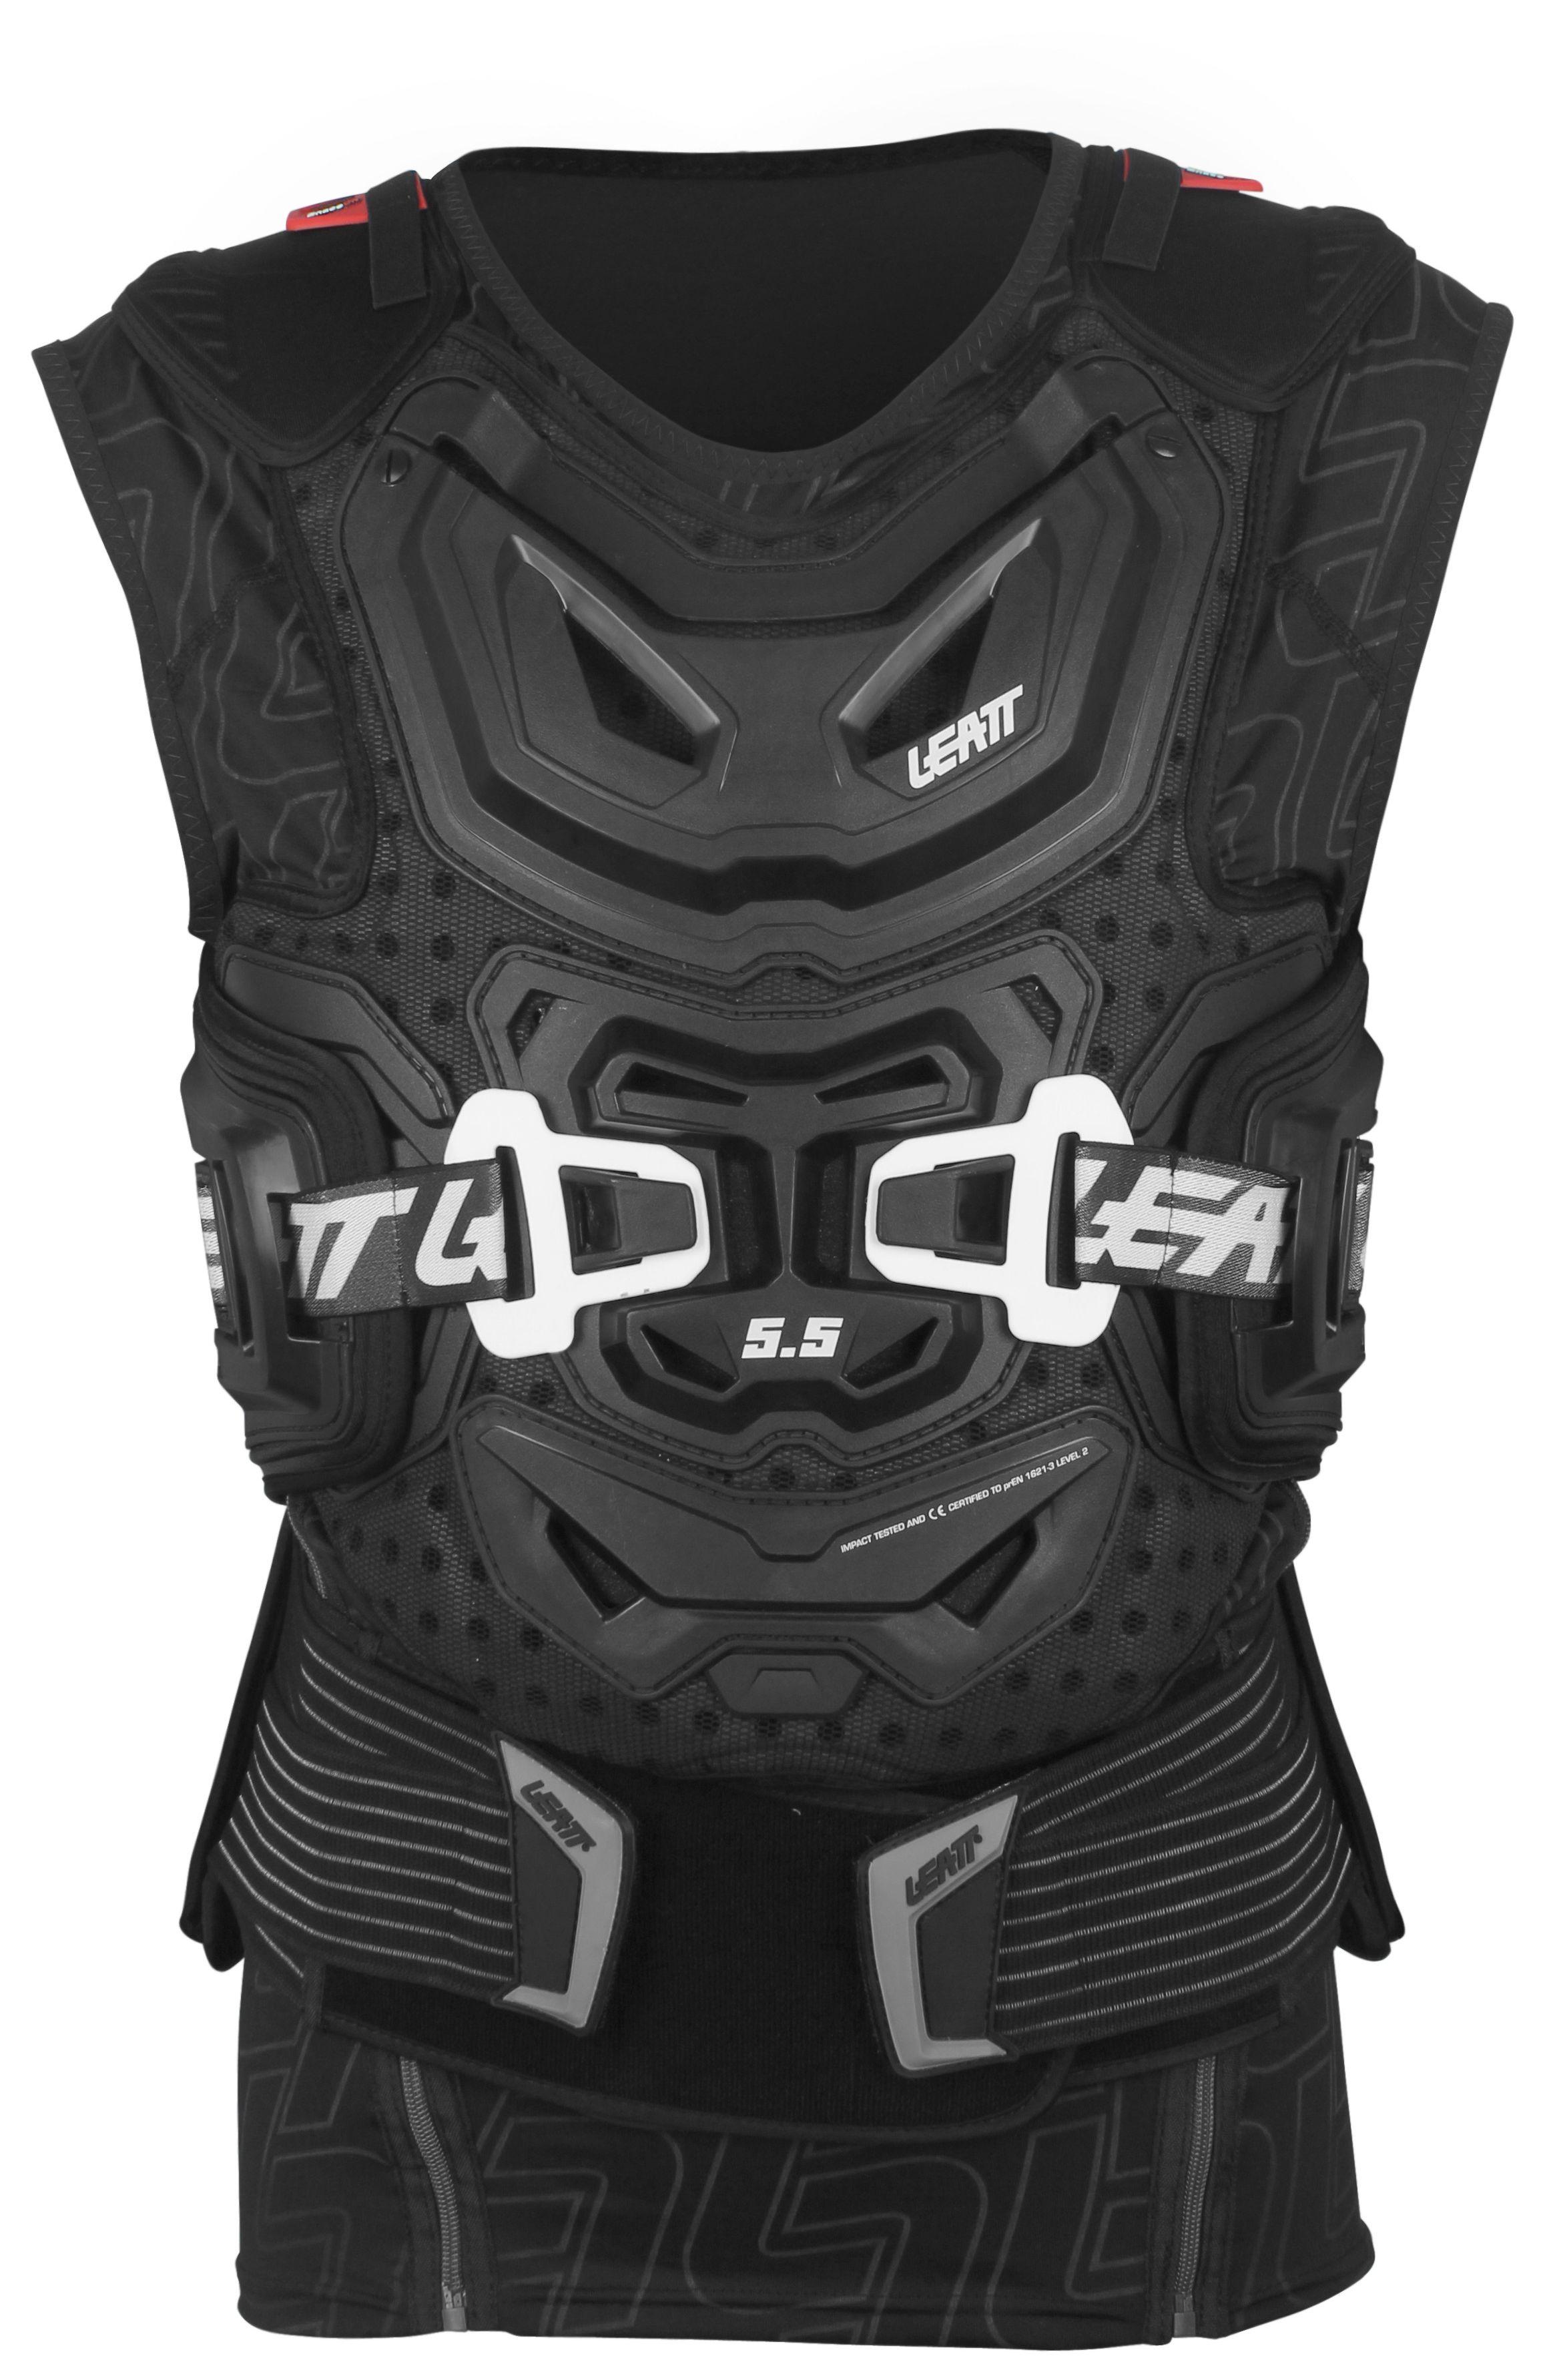 Full Face Cruiser Helmets >> Leatt 5.5 Body Vest (SM-MD Only) | 21% ($40.00) Off ...